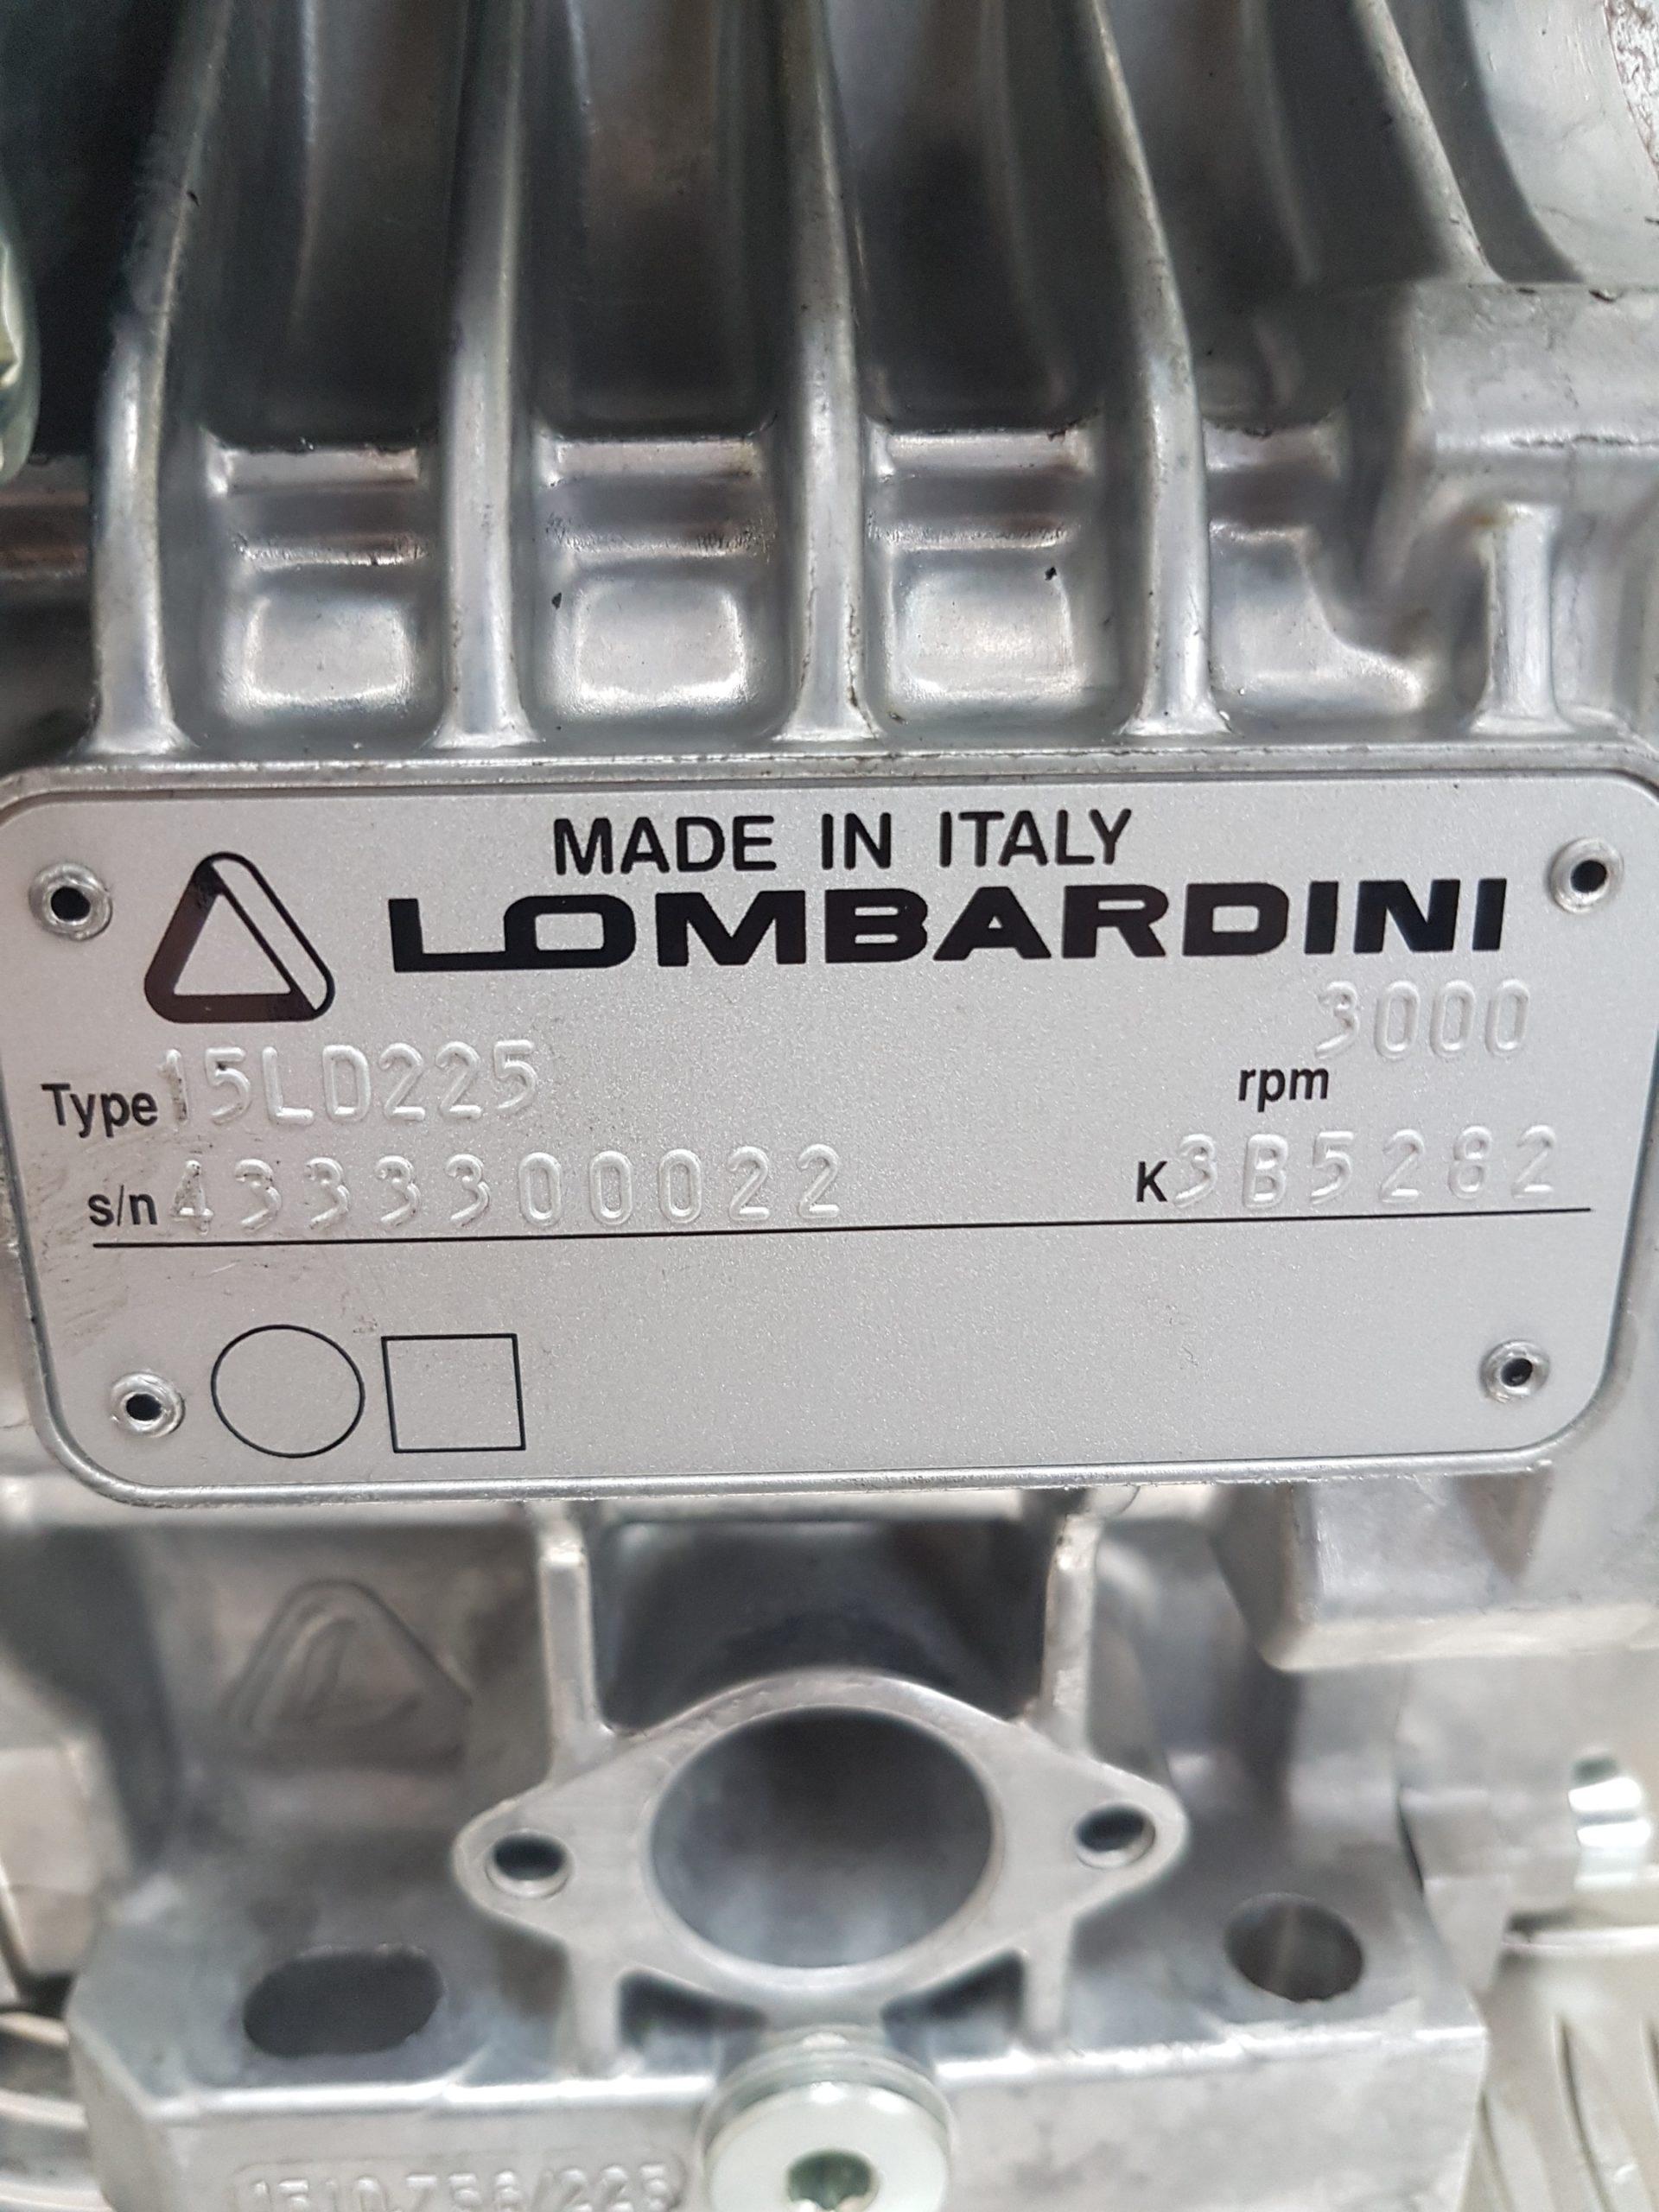 Lombardini 15LD2